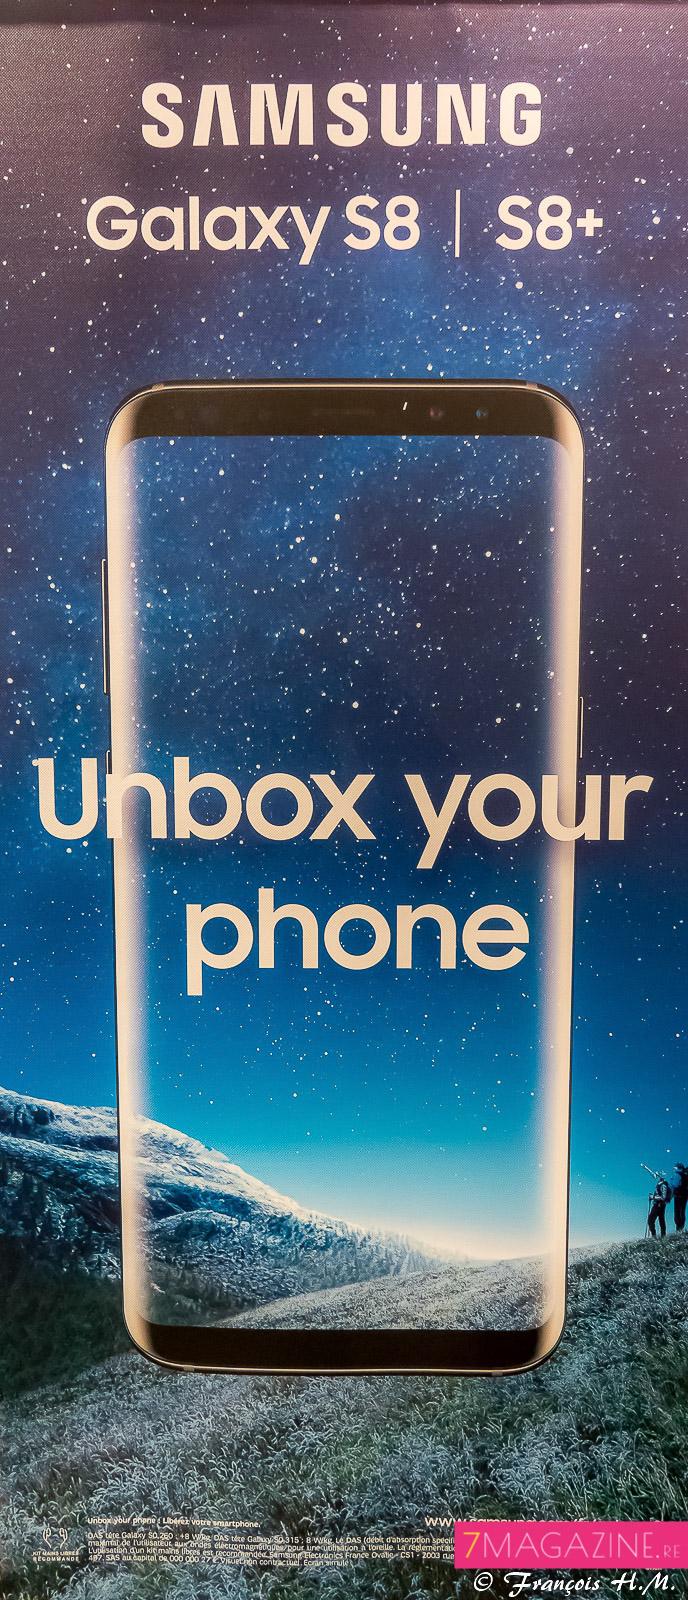 Le nouveau Galaxy S8 est lancé